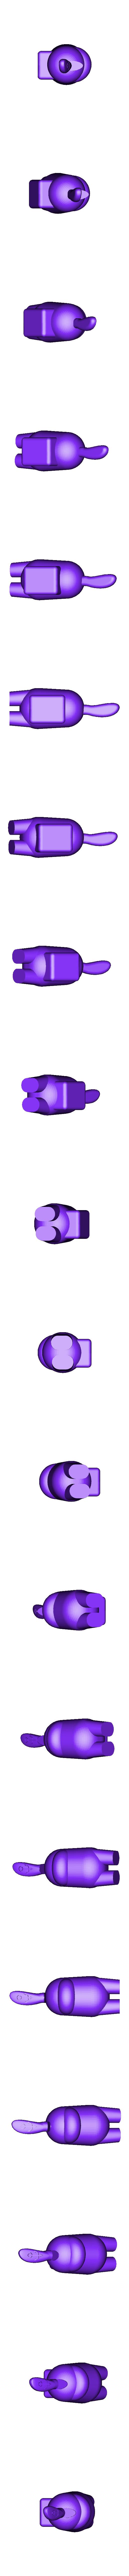 GORRITO DE MARINERO.stl Télécharger fichier STL PARMI NOUS AVEC UN CHAPEAU DE MARIN • Design à imprimer en 3D, sebastiancabral719